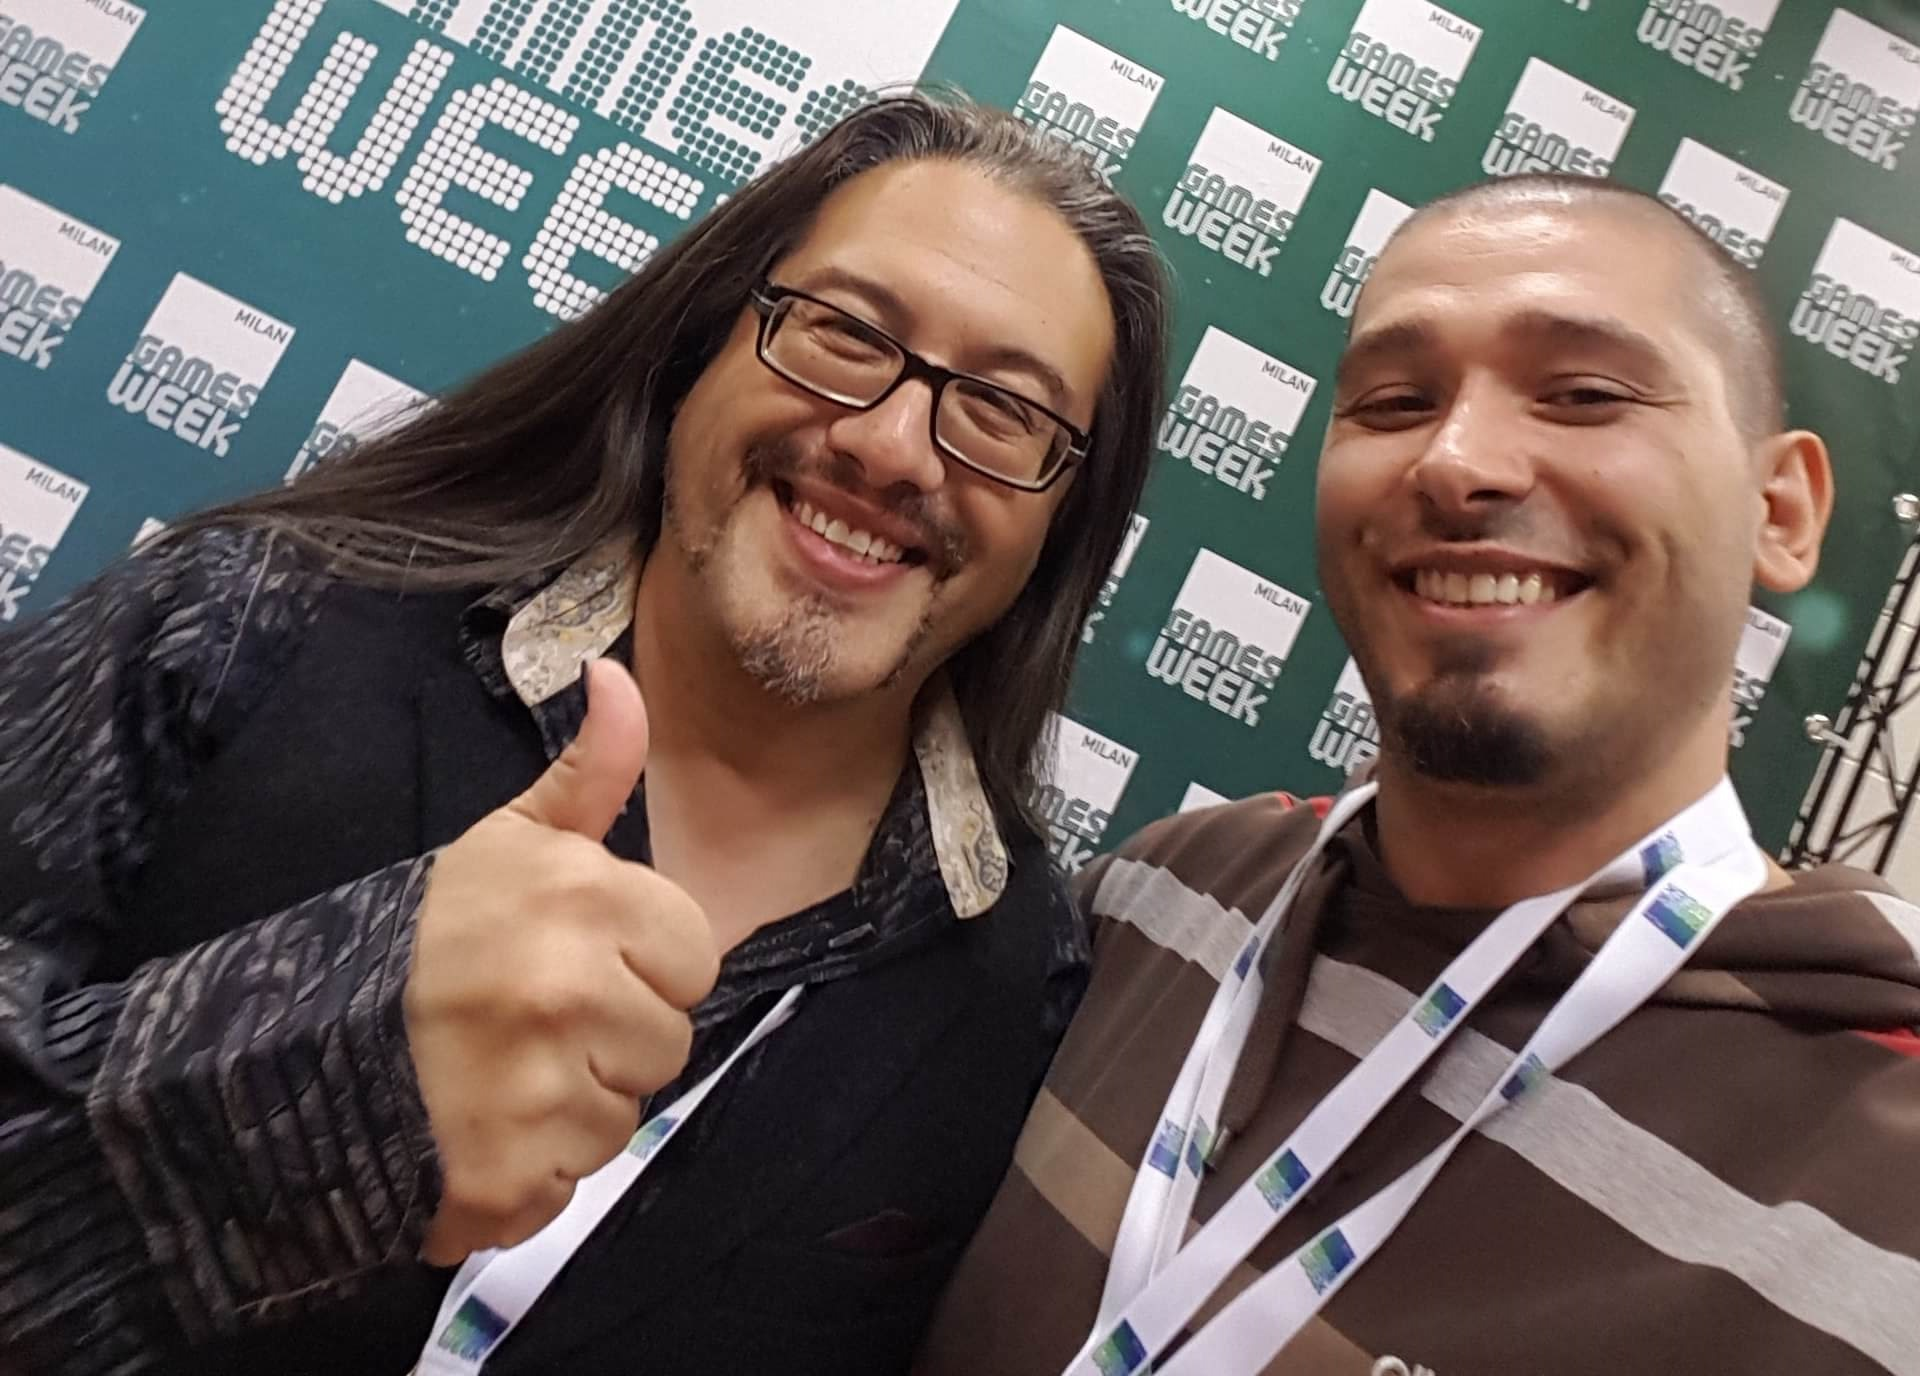 john romero intervista gamesweek